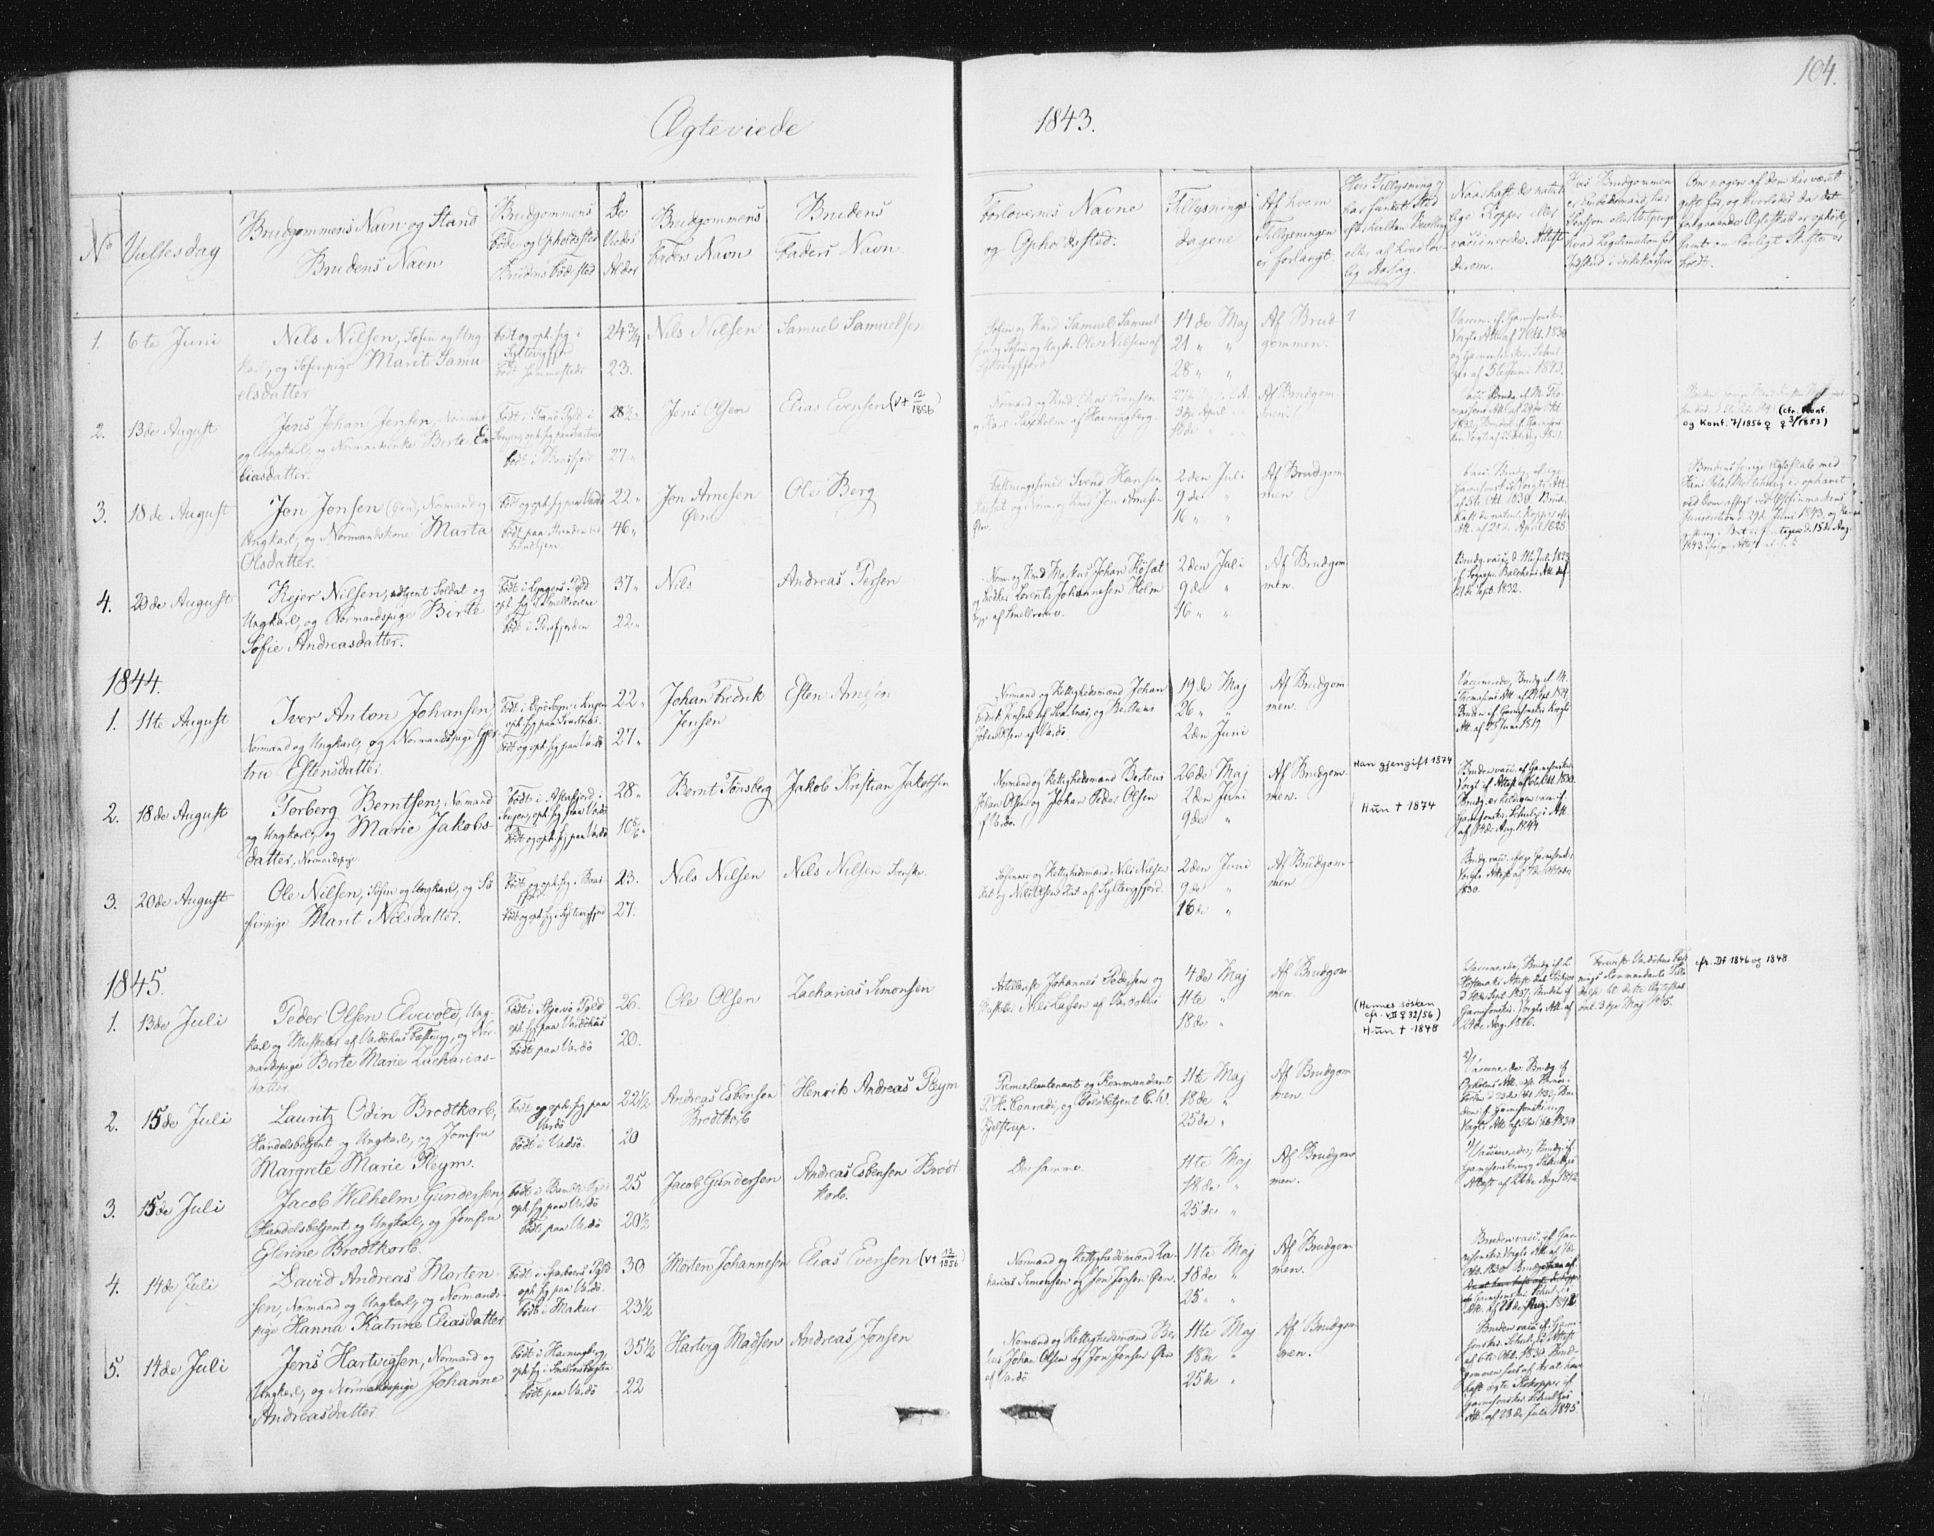 SATØ, Vardø sokneprestkontor, H/Ha/L0003kirke: Ministerialbok nr. 3, 1843-1861, s. 104